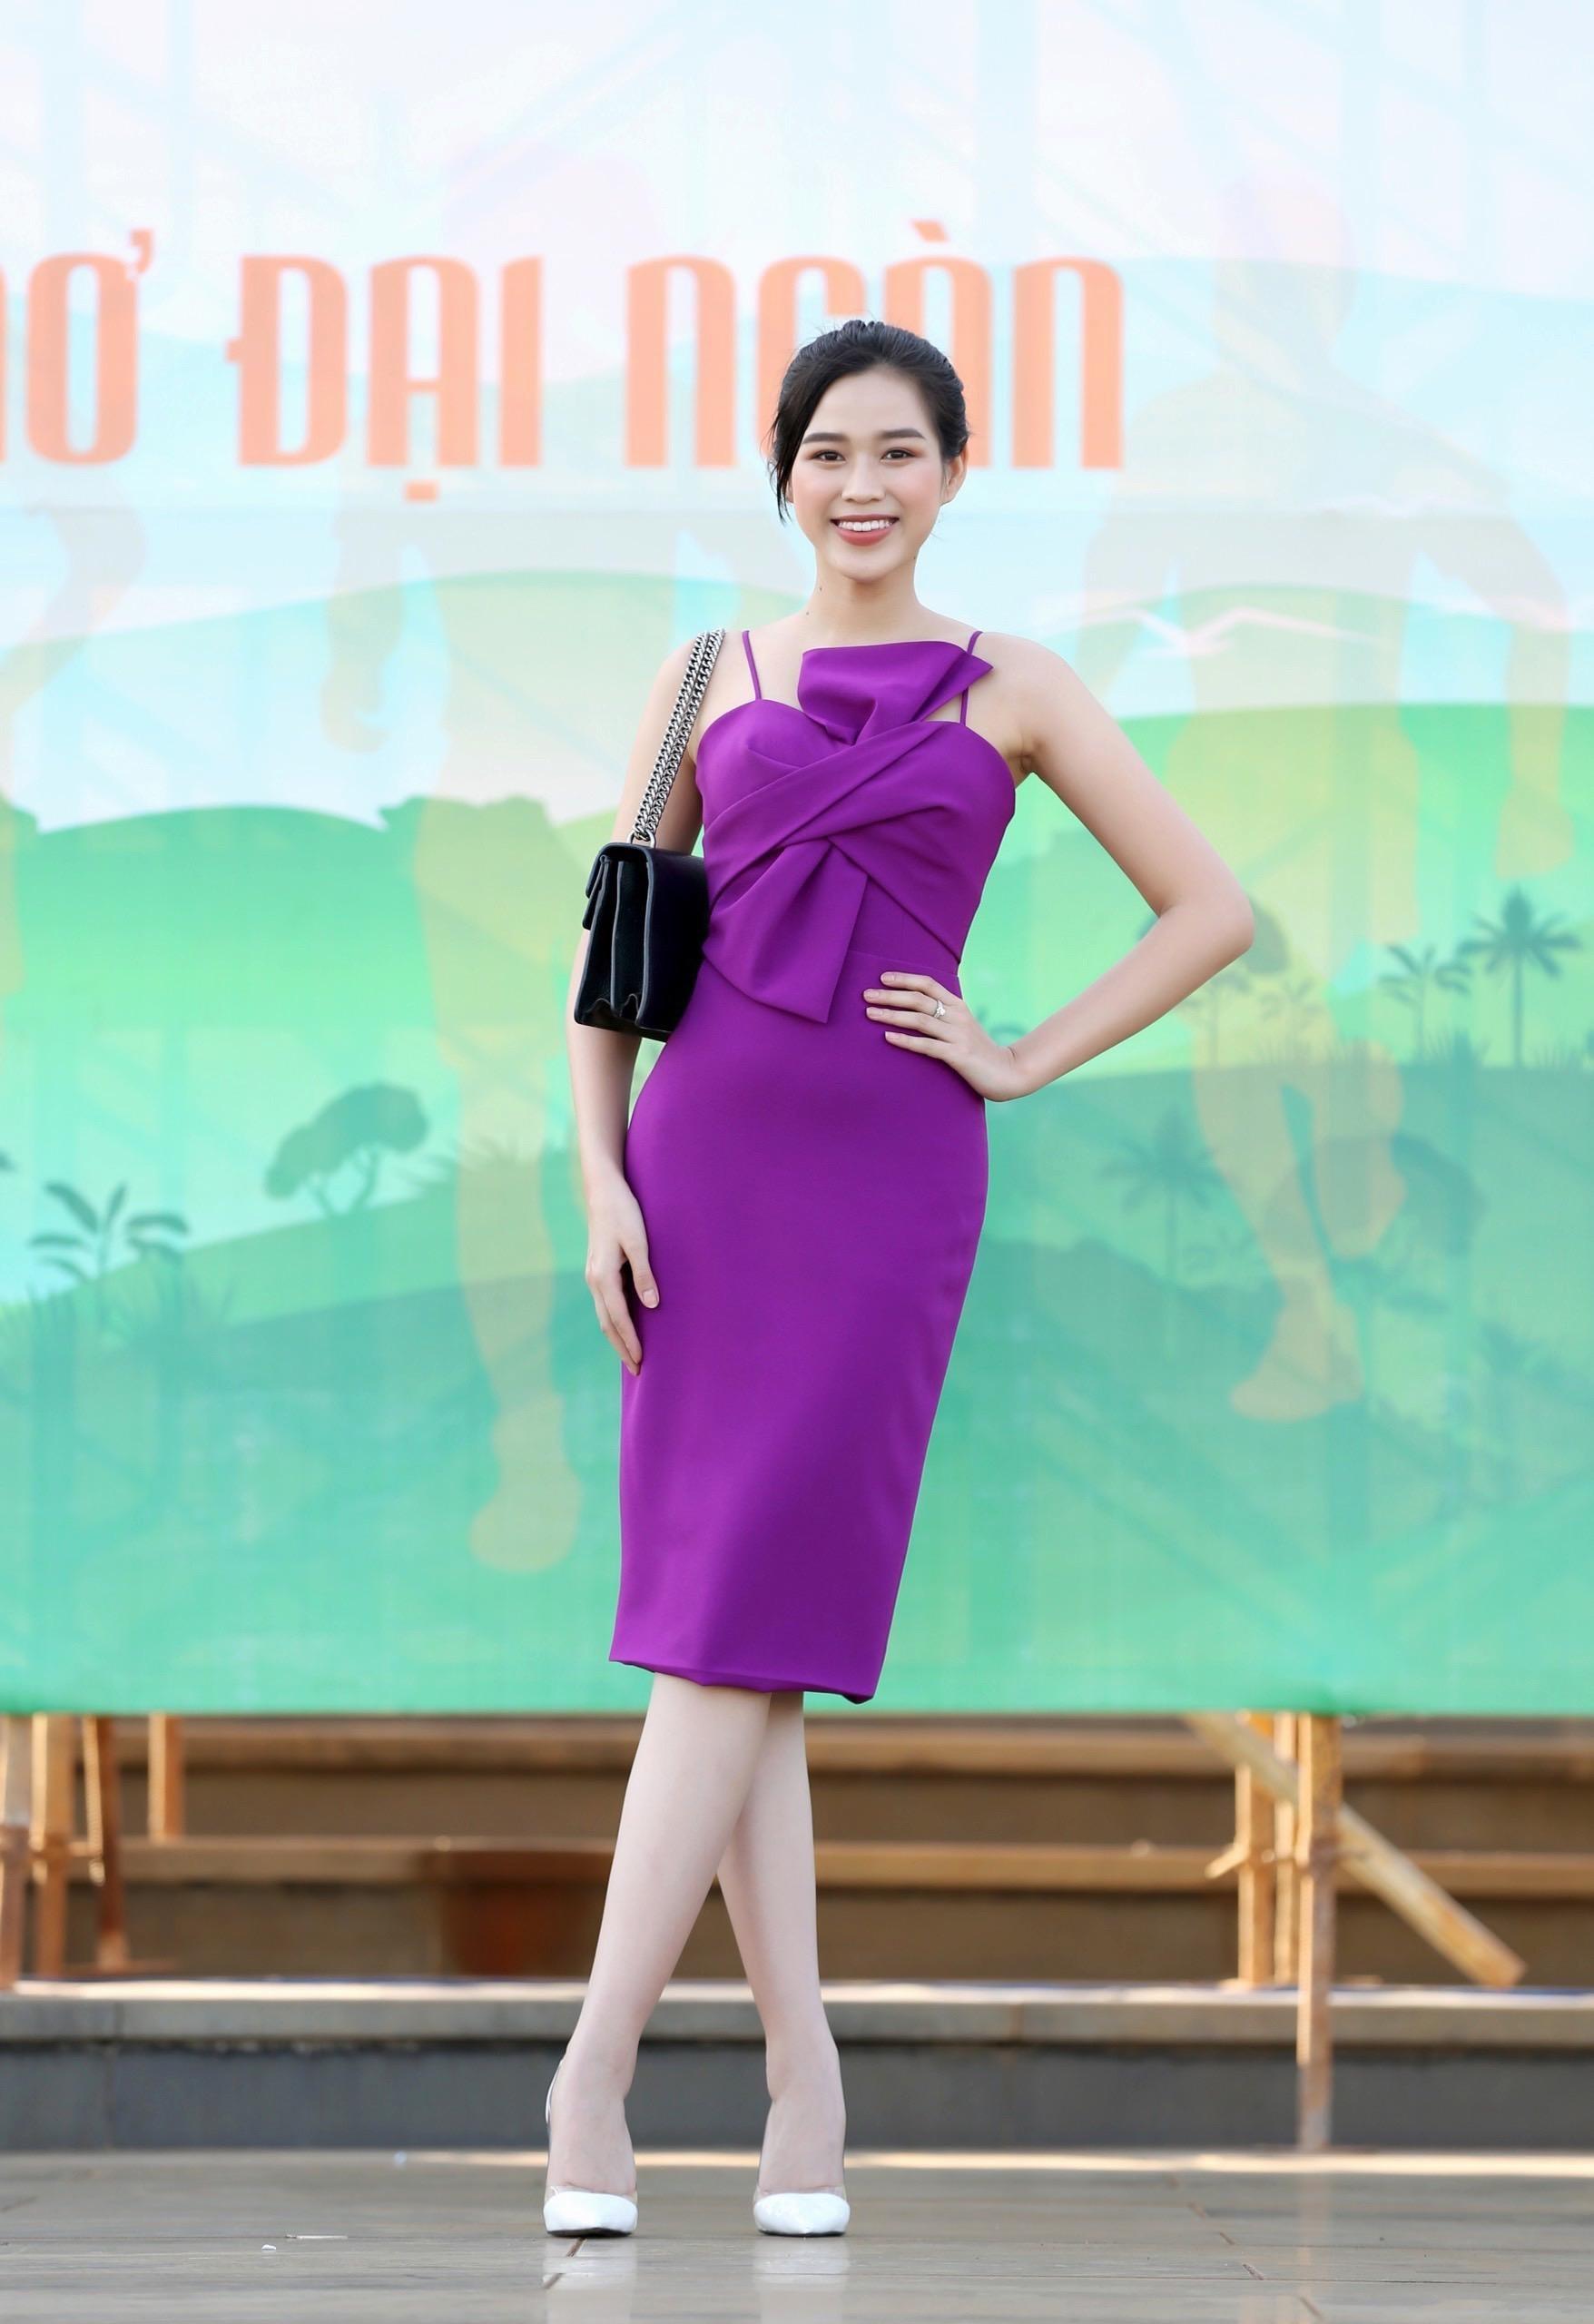 Hoa hậu Đỗ Thị Hà diện váy hai dây tím khoe vai trần gợi cảm ảnh 2